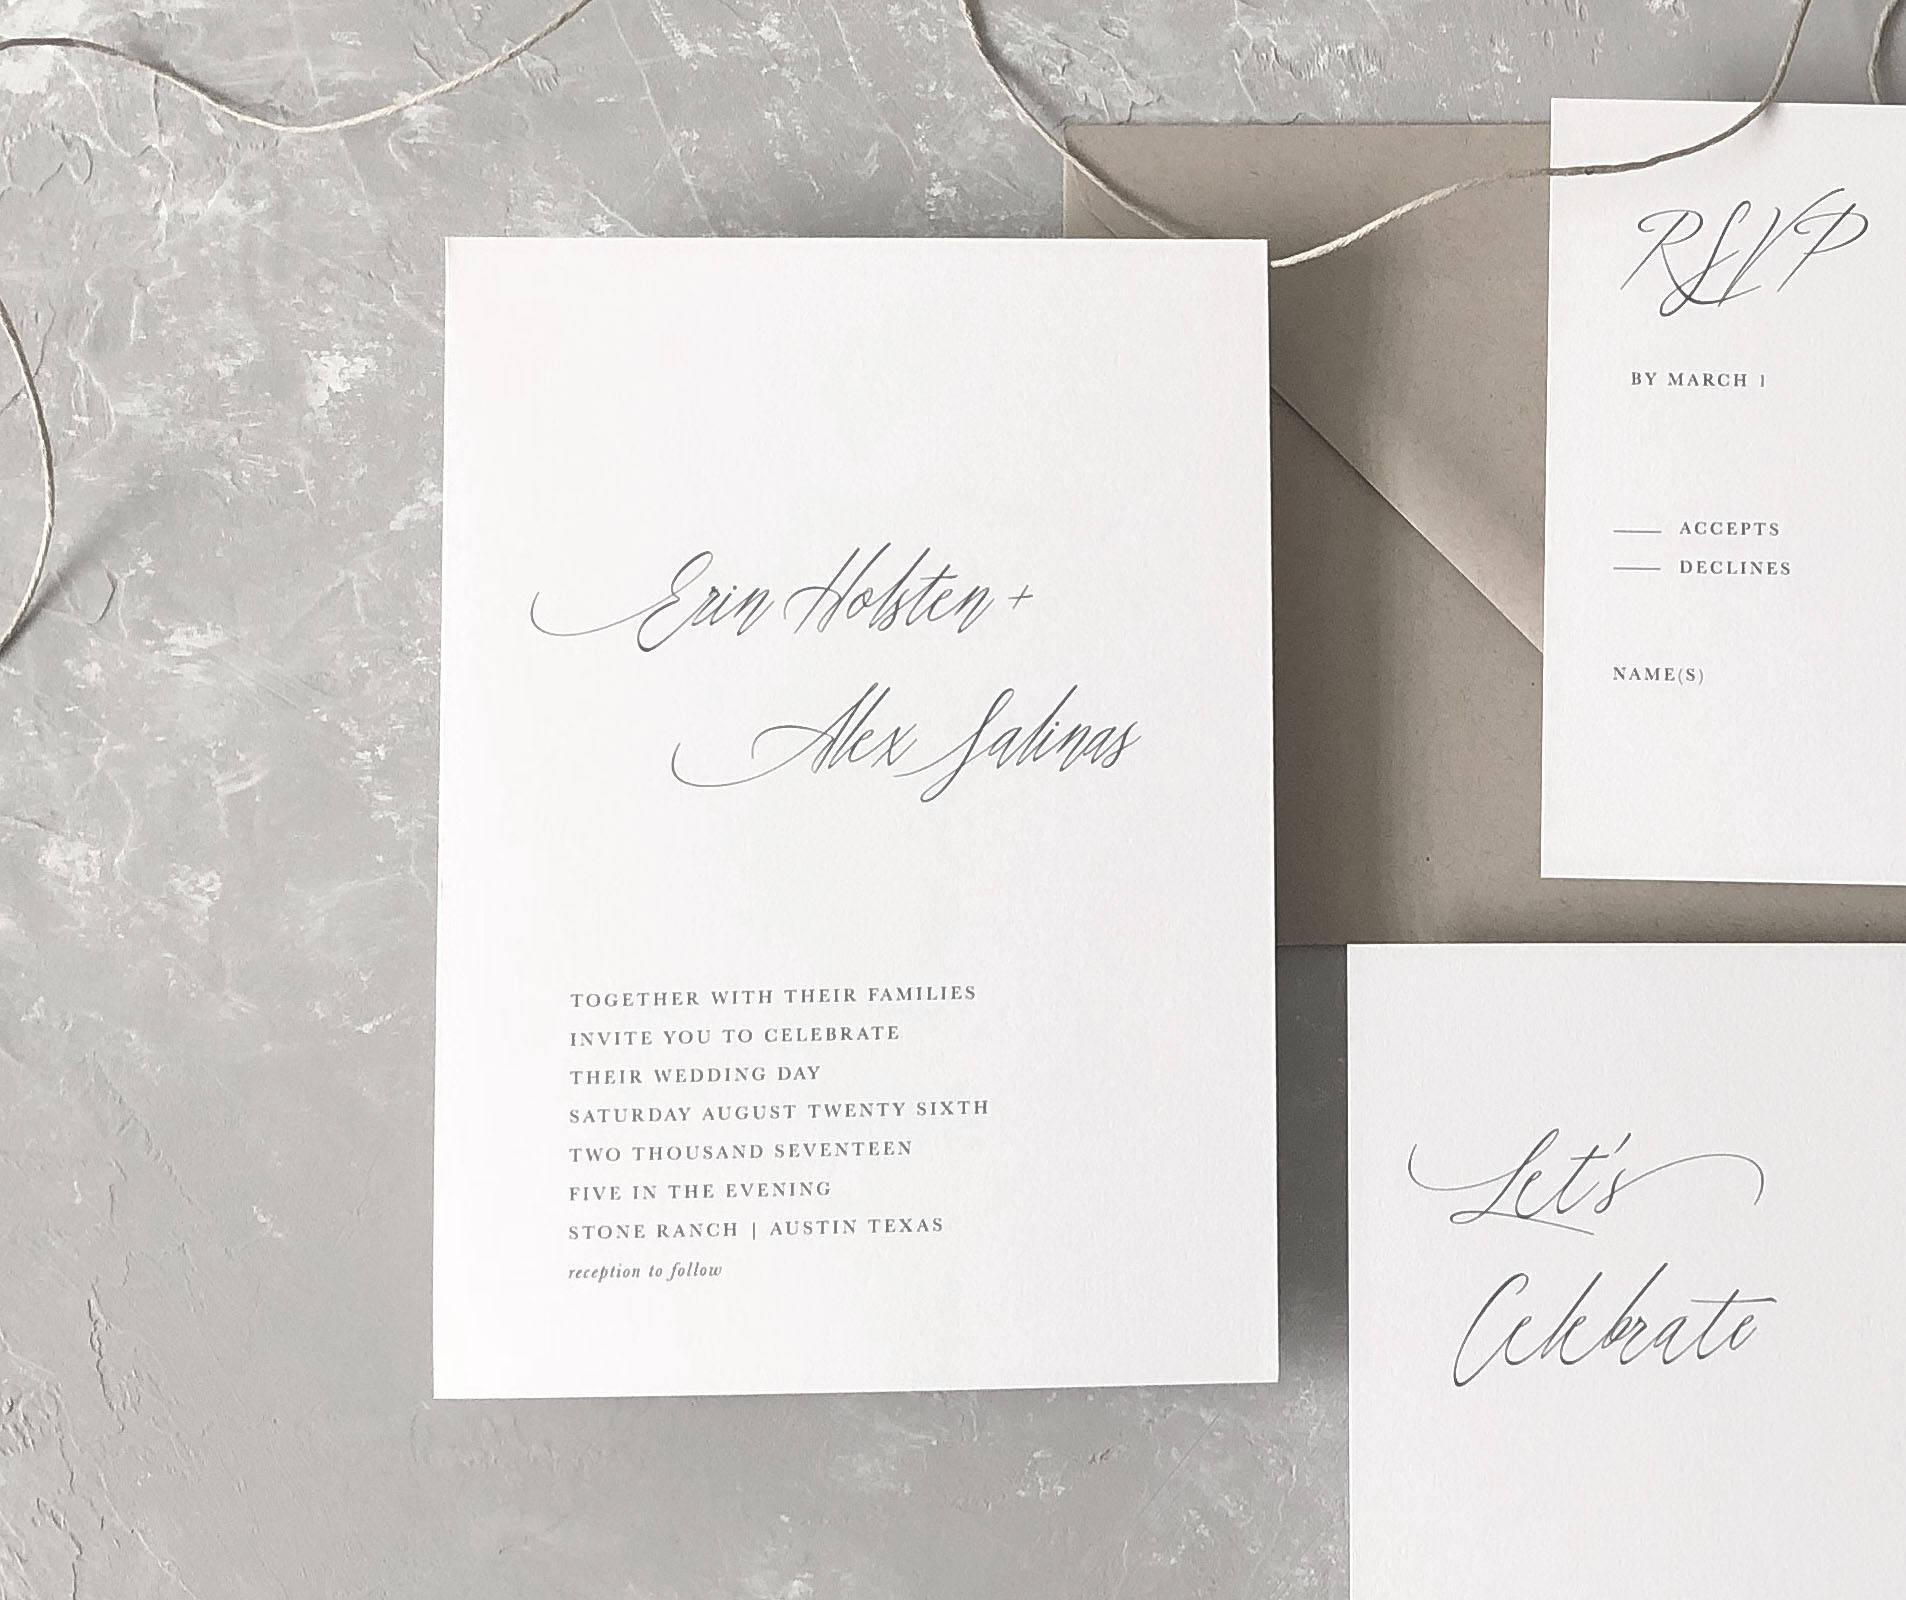 Niedlich Rustikale Hochzeitseinladungen Vorlagen Fotos - Beispiel ...